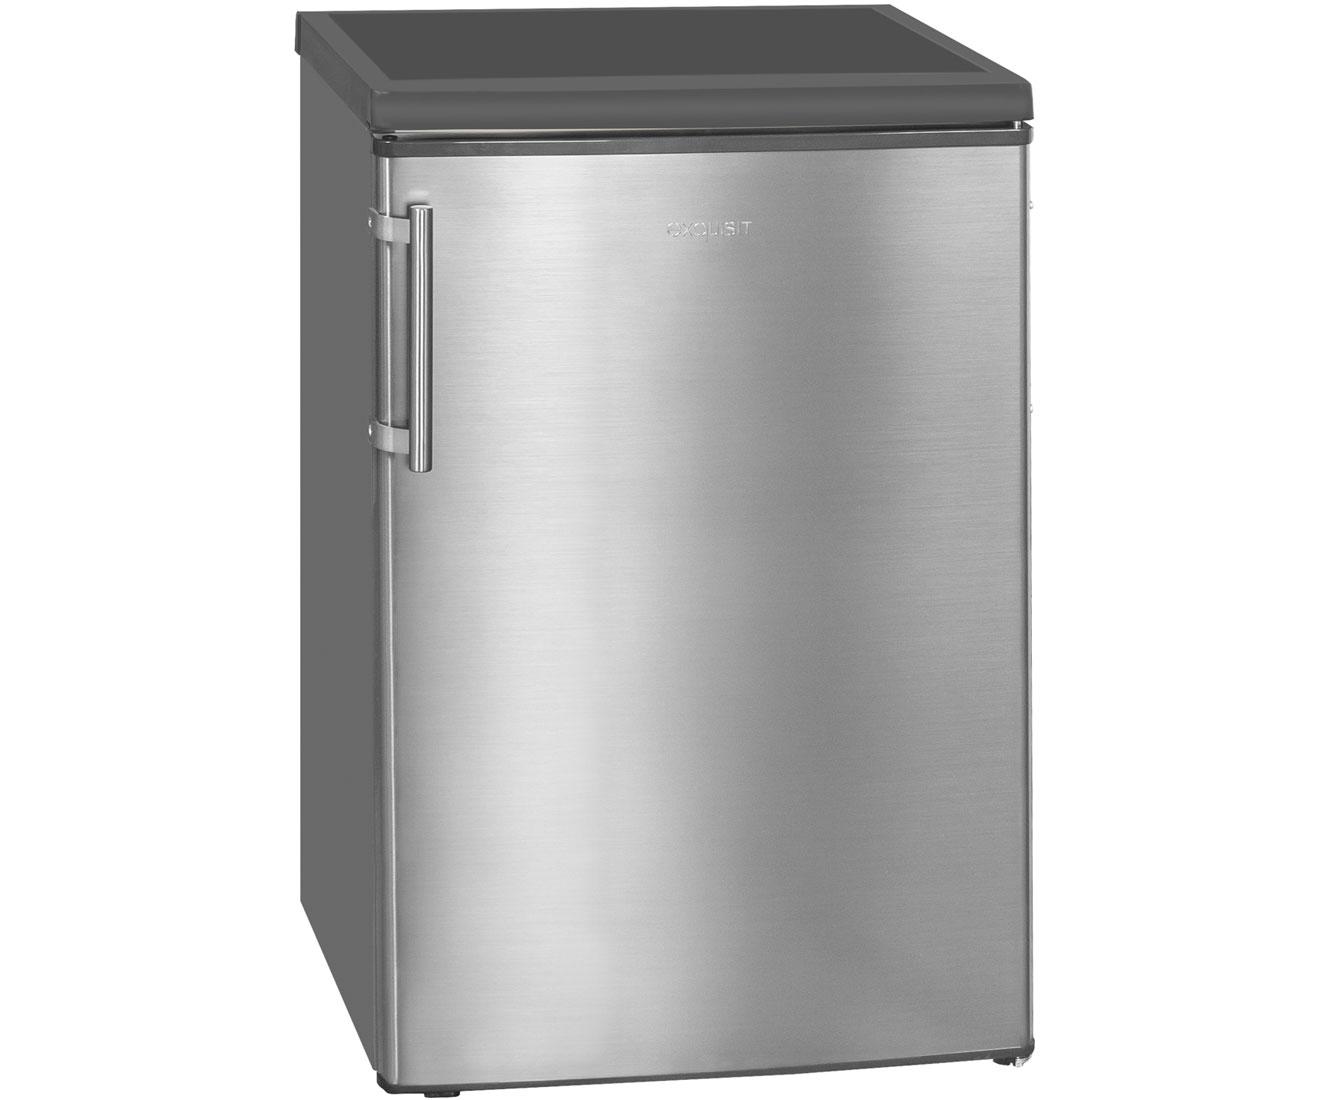 Amica Kühlschrank Uks 16157 Test : Unterbau kühlschrank mit gefrierfach whirlpool einbaukühlschrank